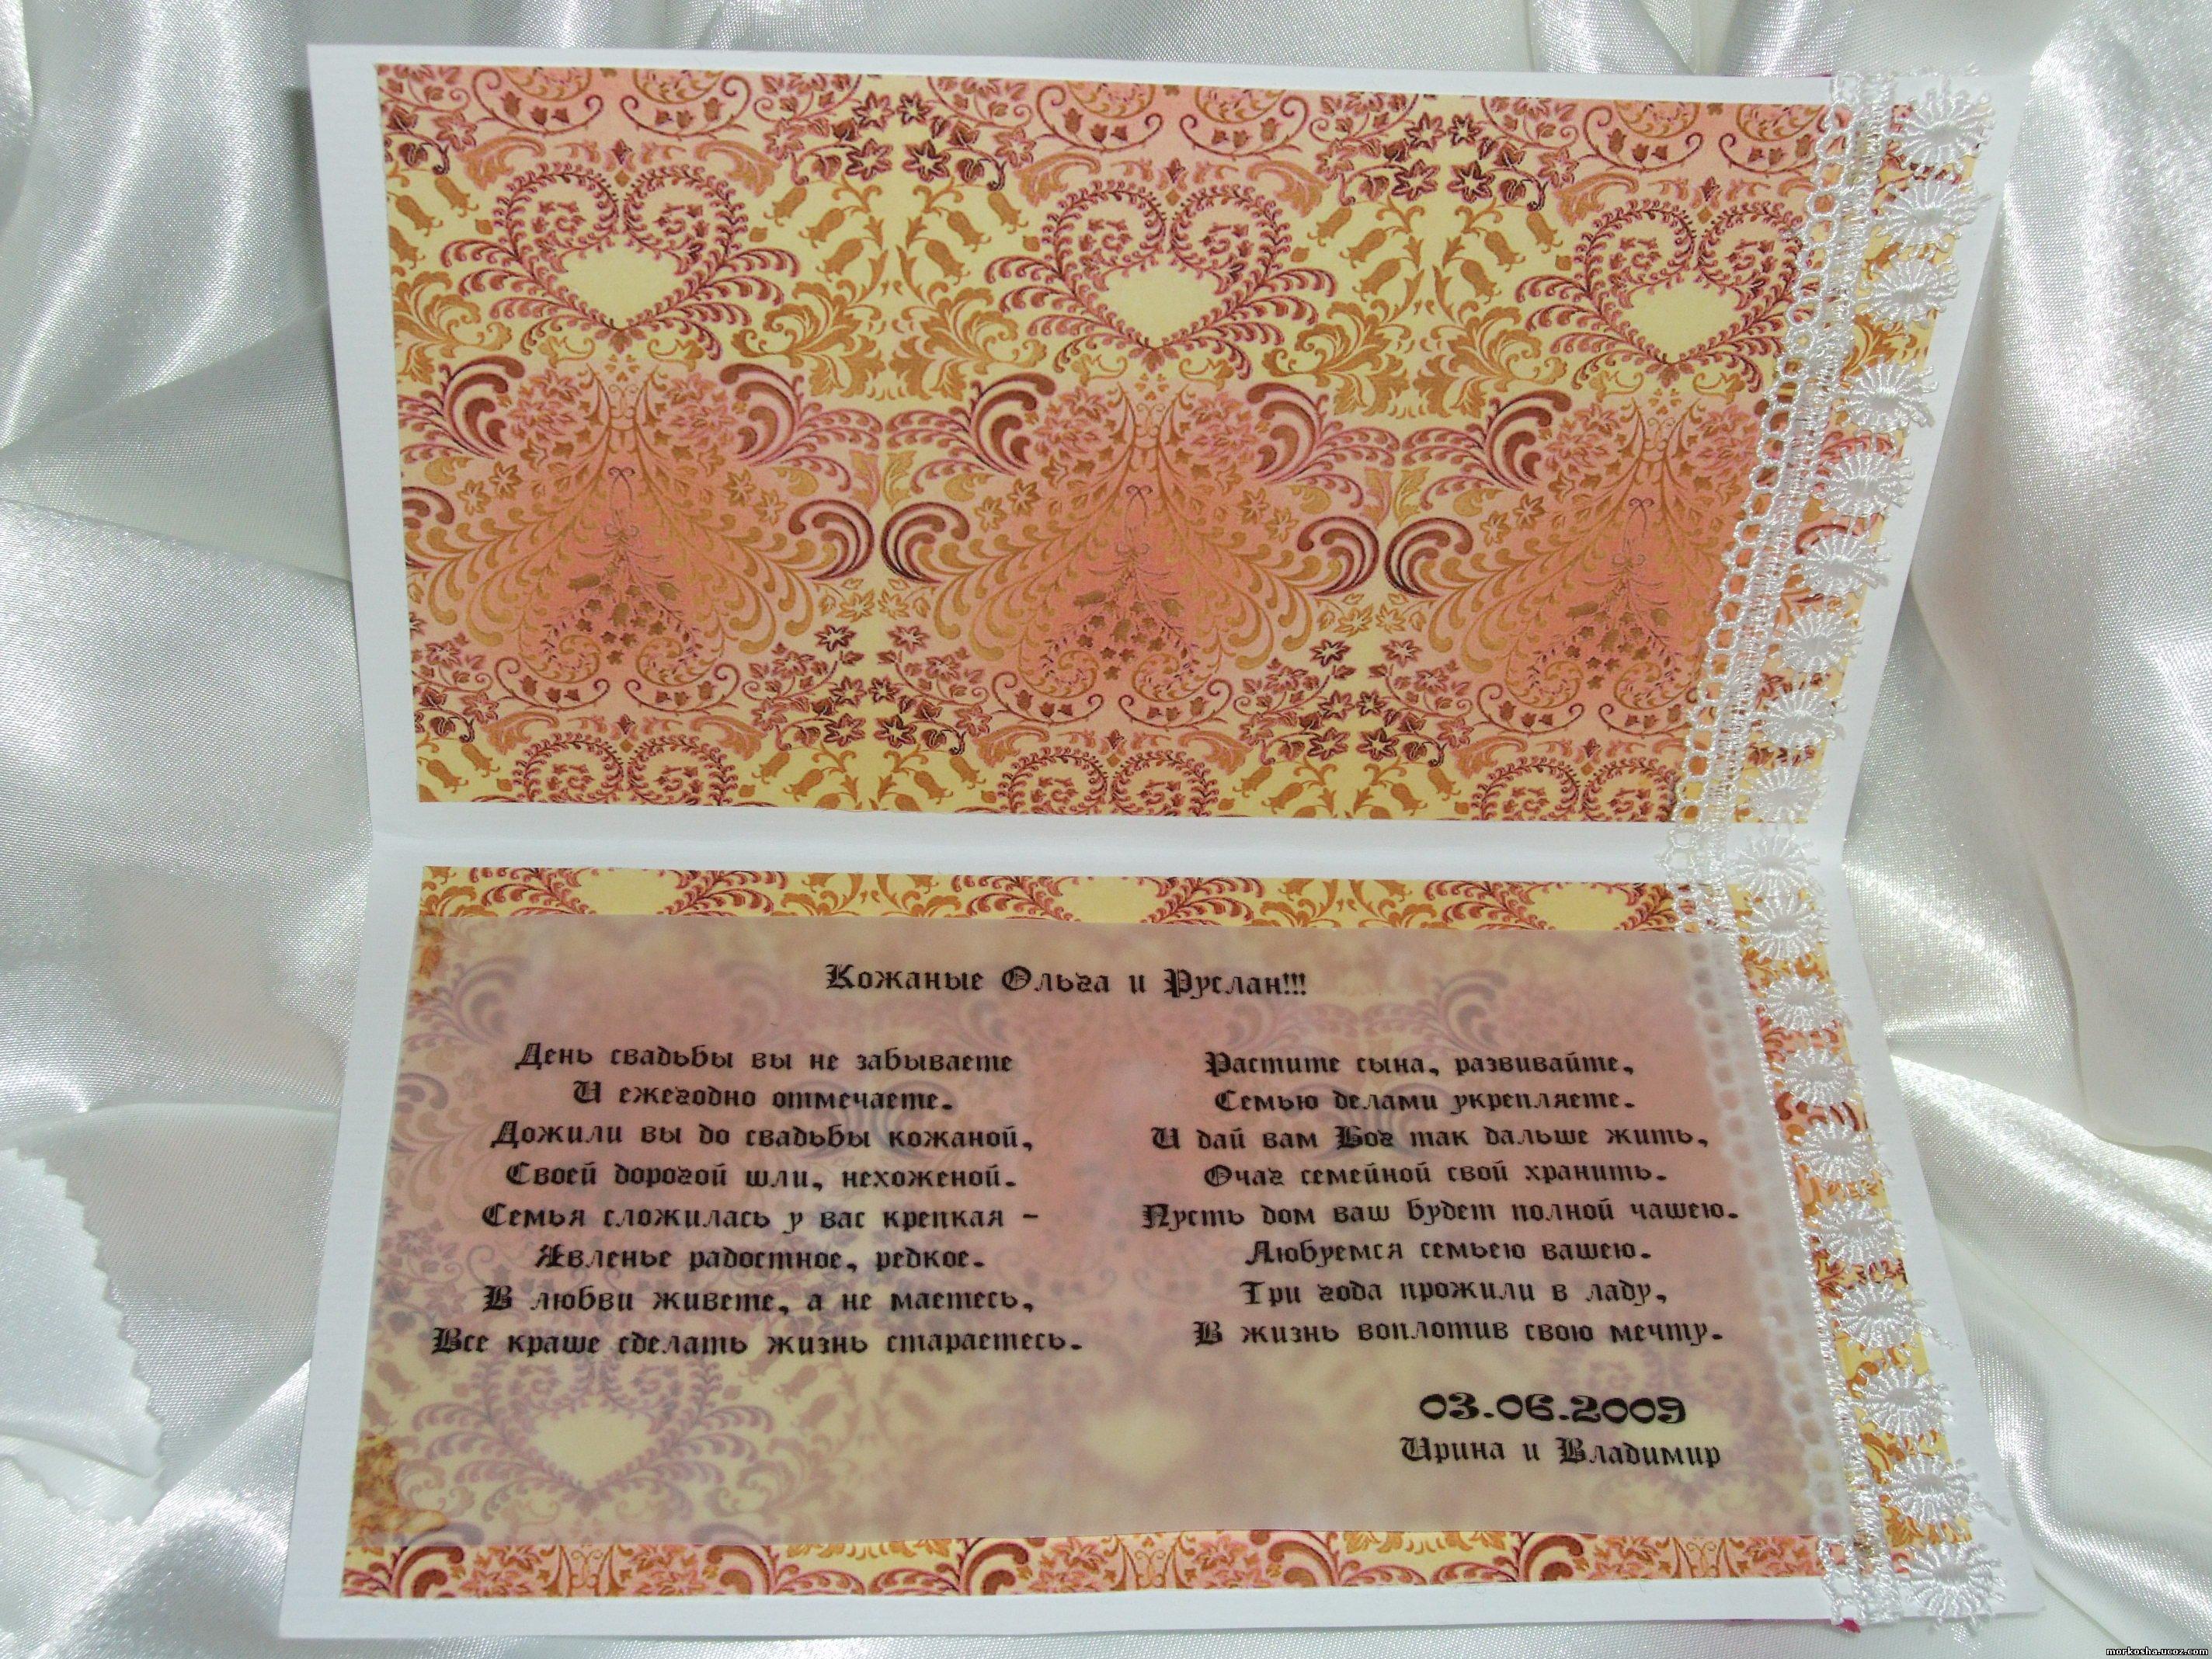 Поздравления родителей на свадьбу у православных